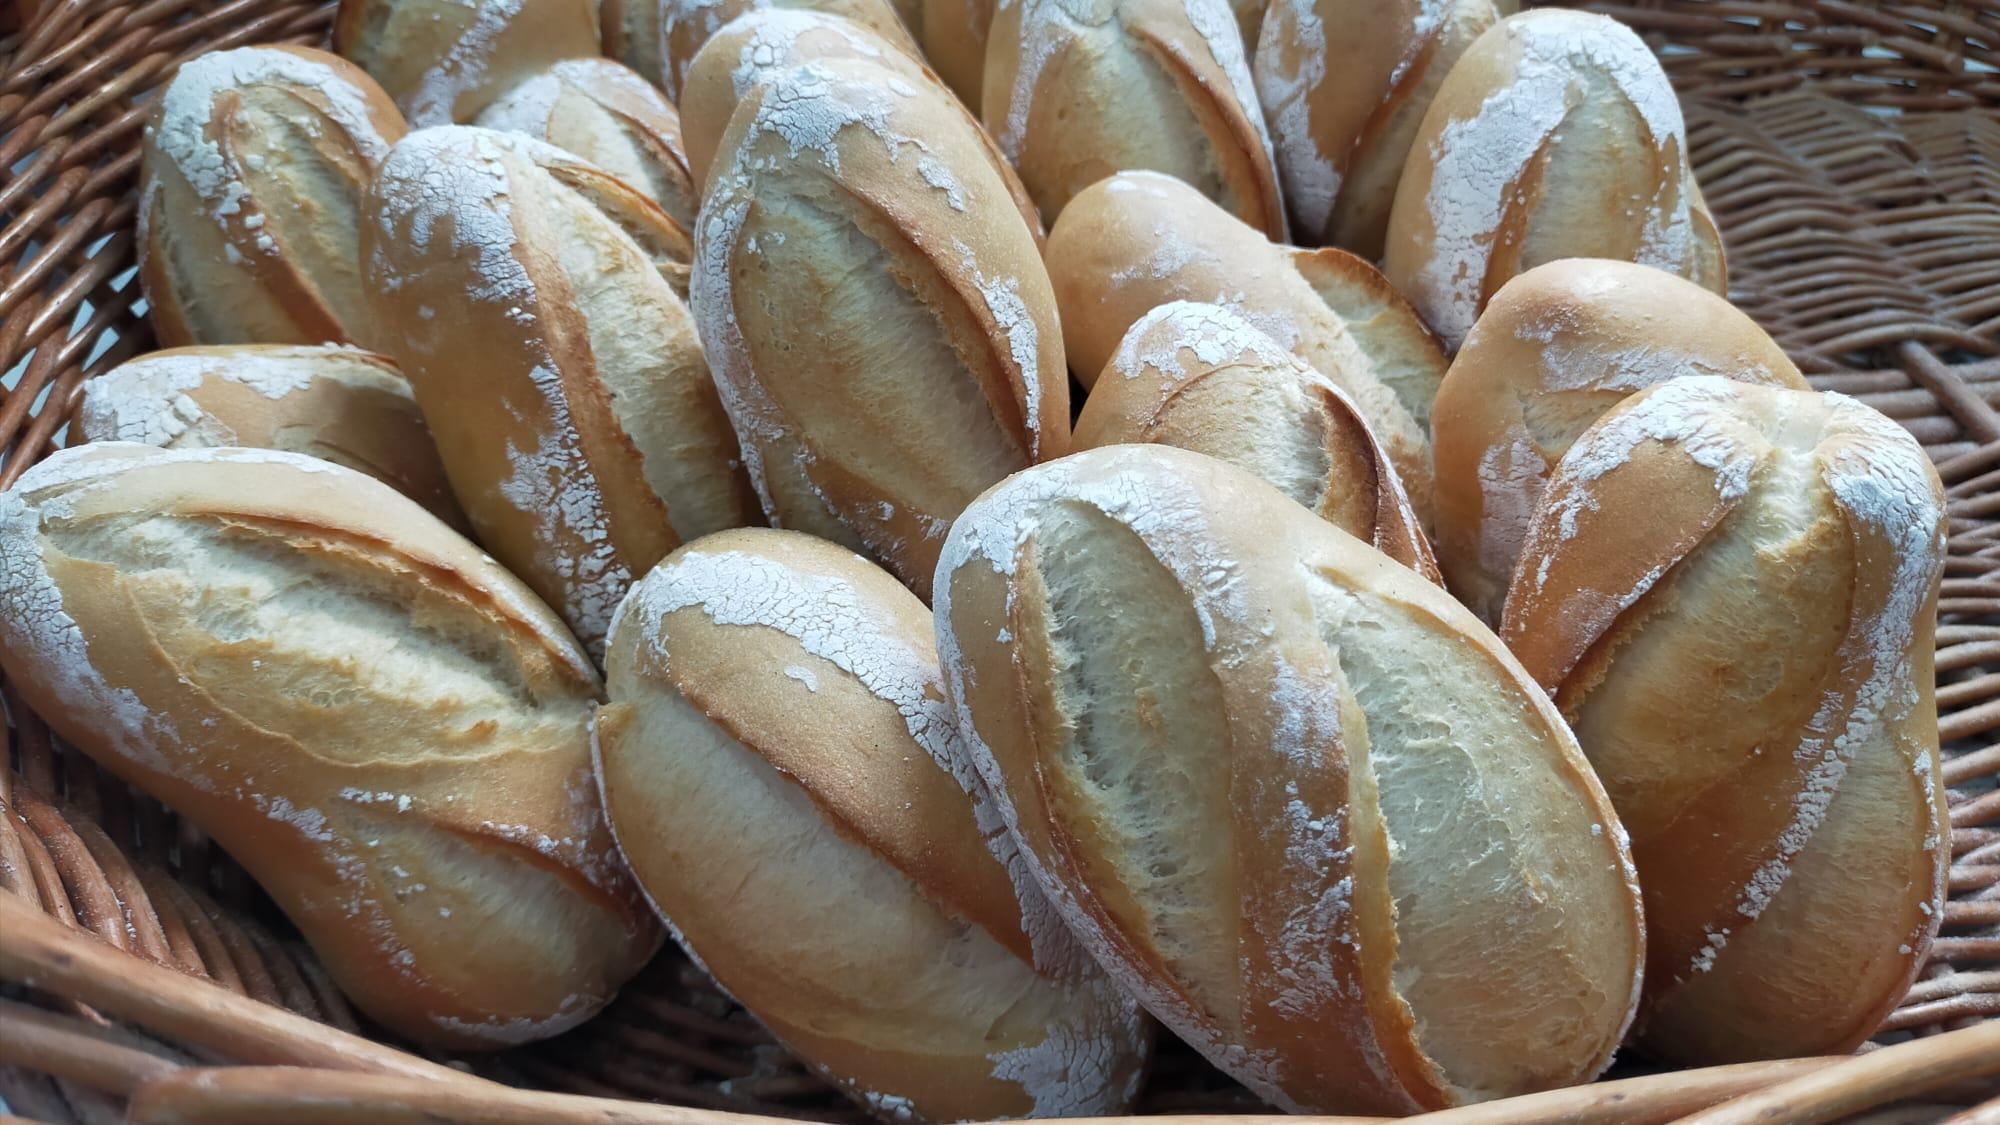 elaboraciones-panes-curso-panaderia-pasteleria-y-bolleria